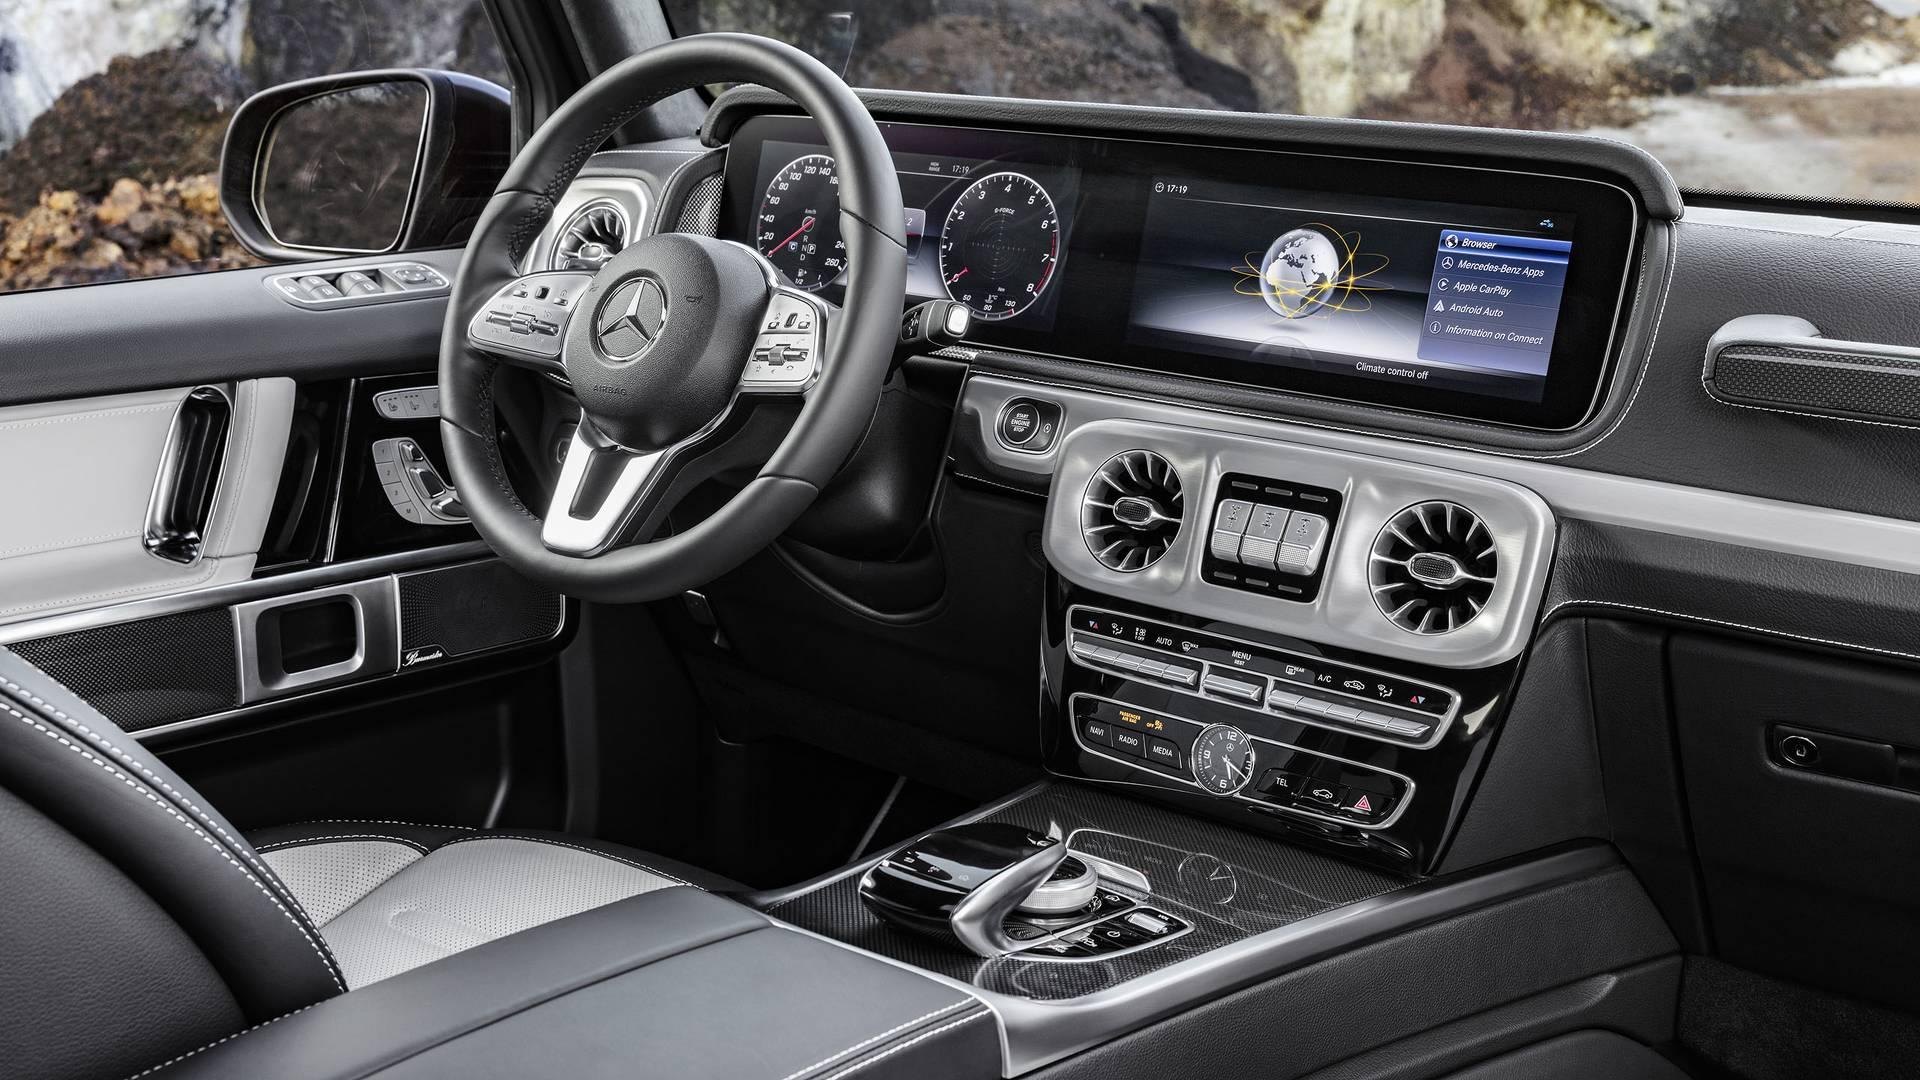 Название: 2019-mercedes-benz-g-class-interior.jpg Просмотров: 61  Размер: 313.2 Кб